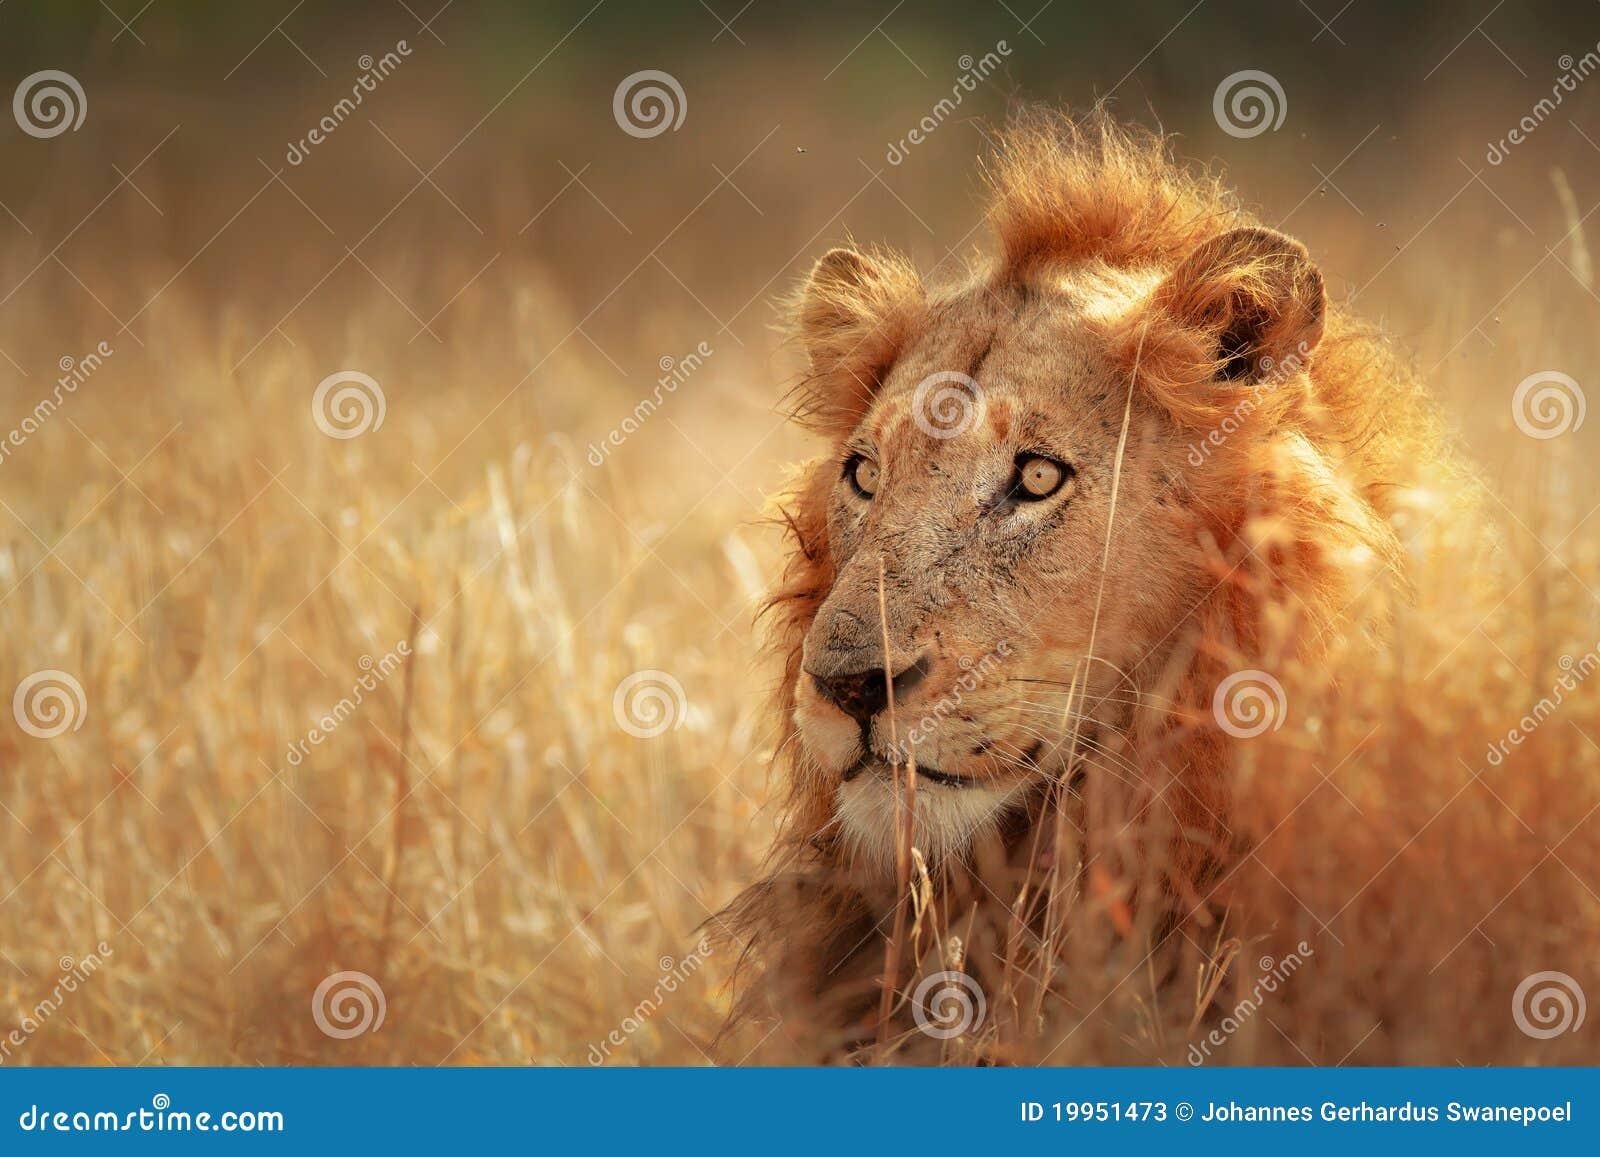 León en prado